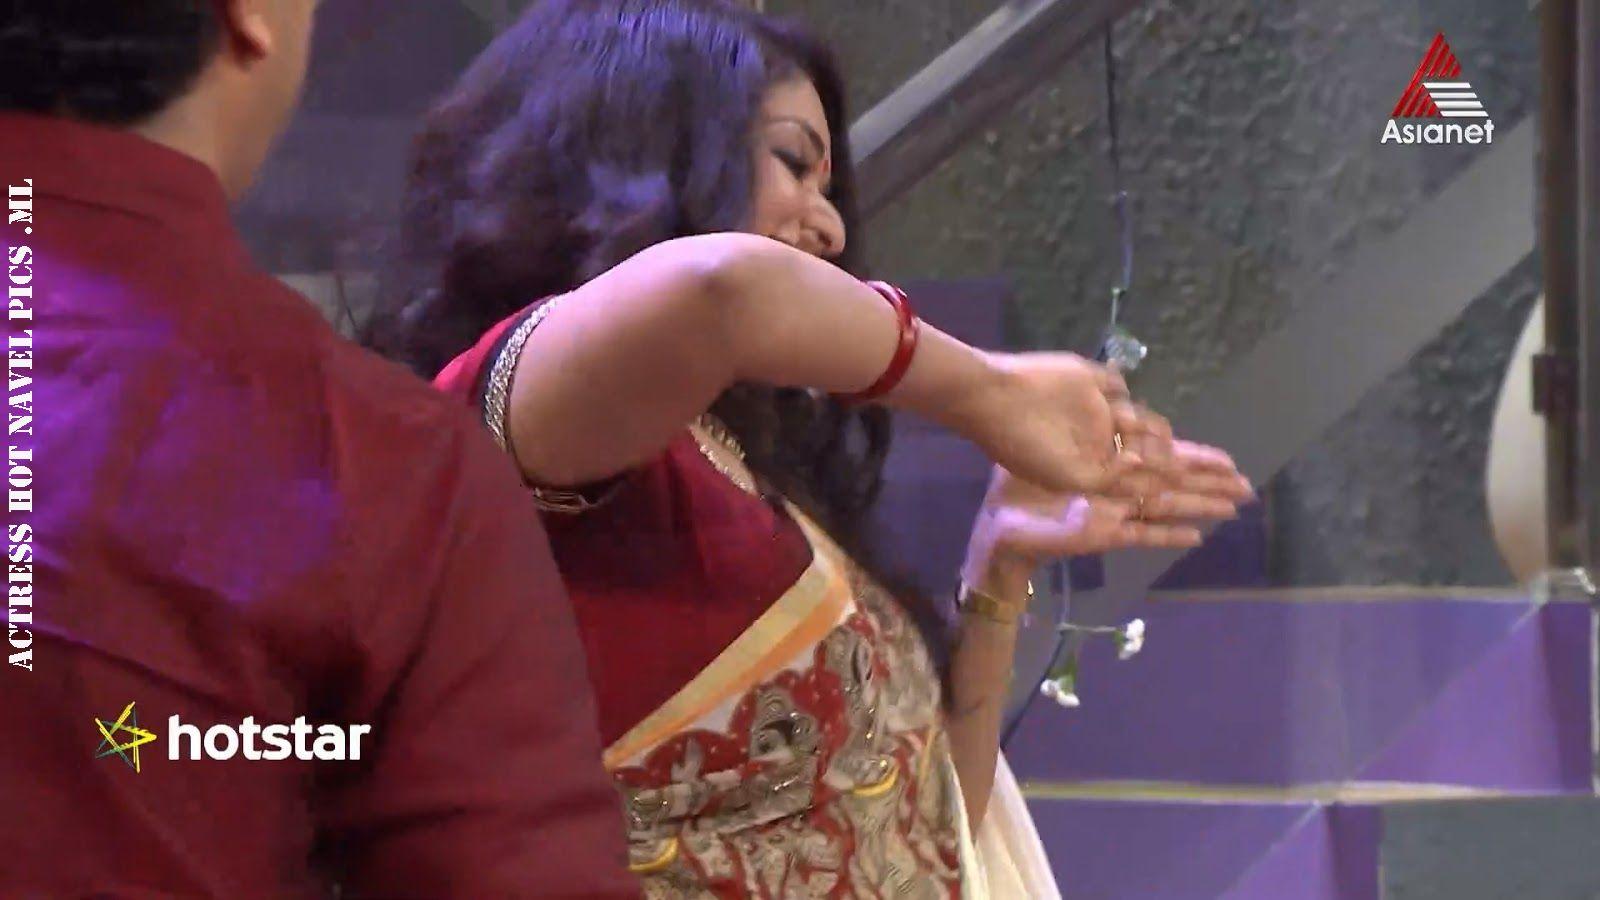 Hot Actress Photos And Stills: Hot Actress Kavya madhavan